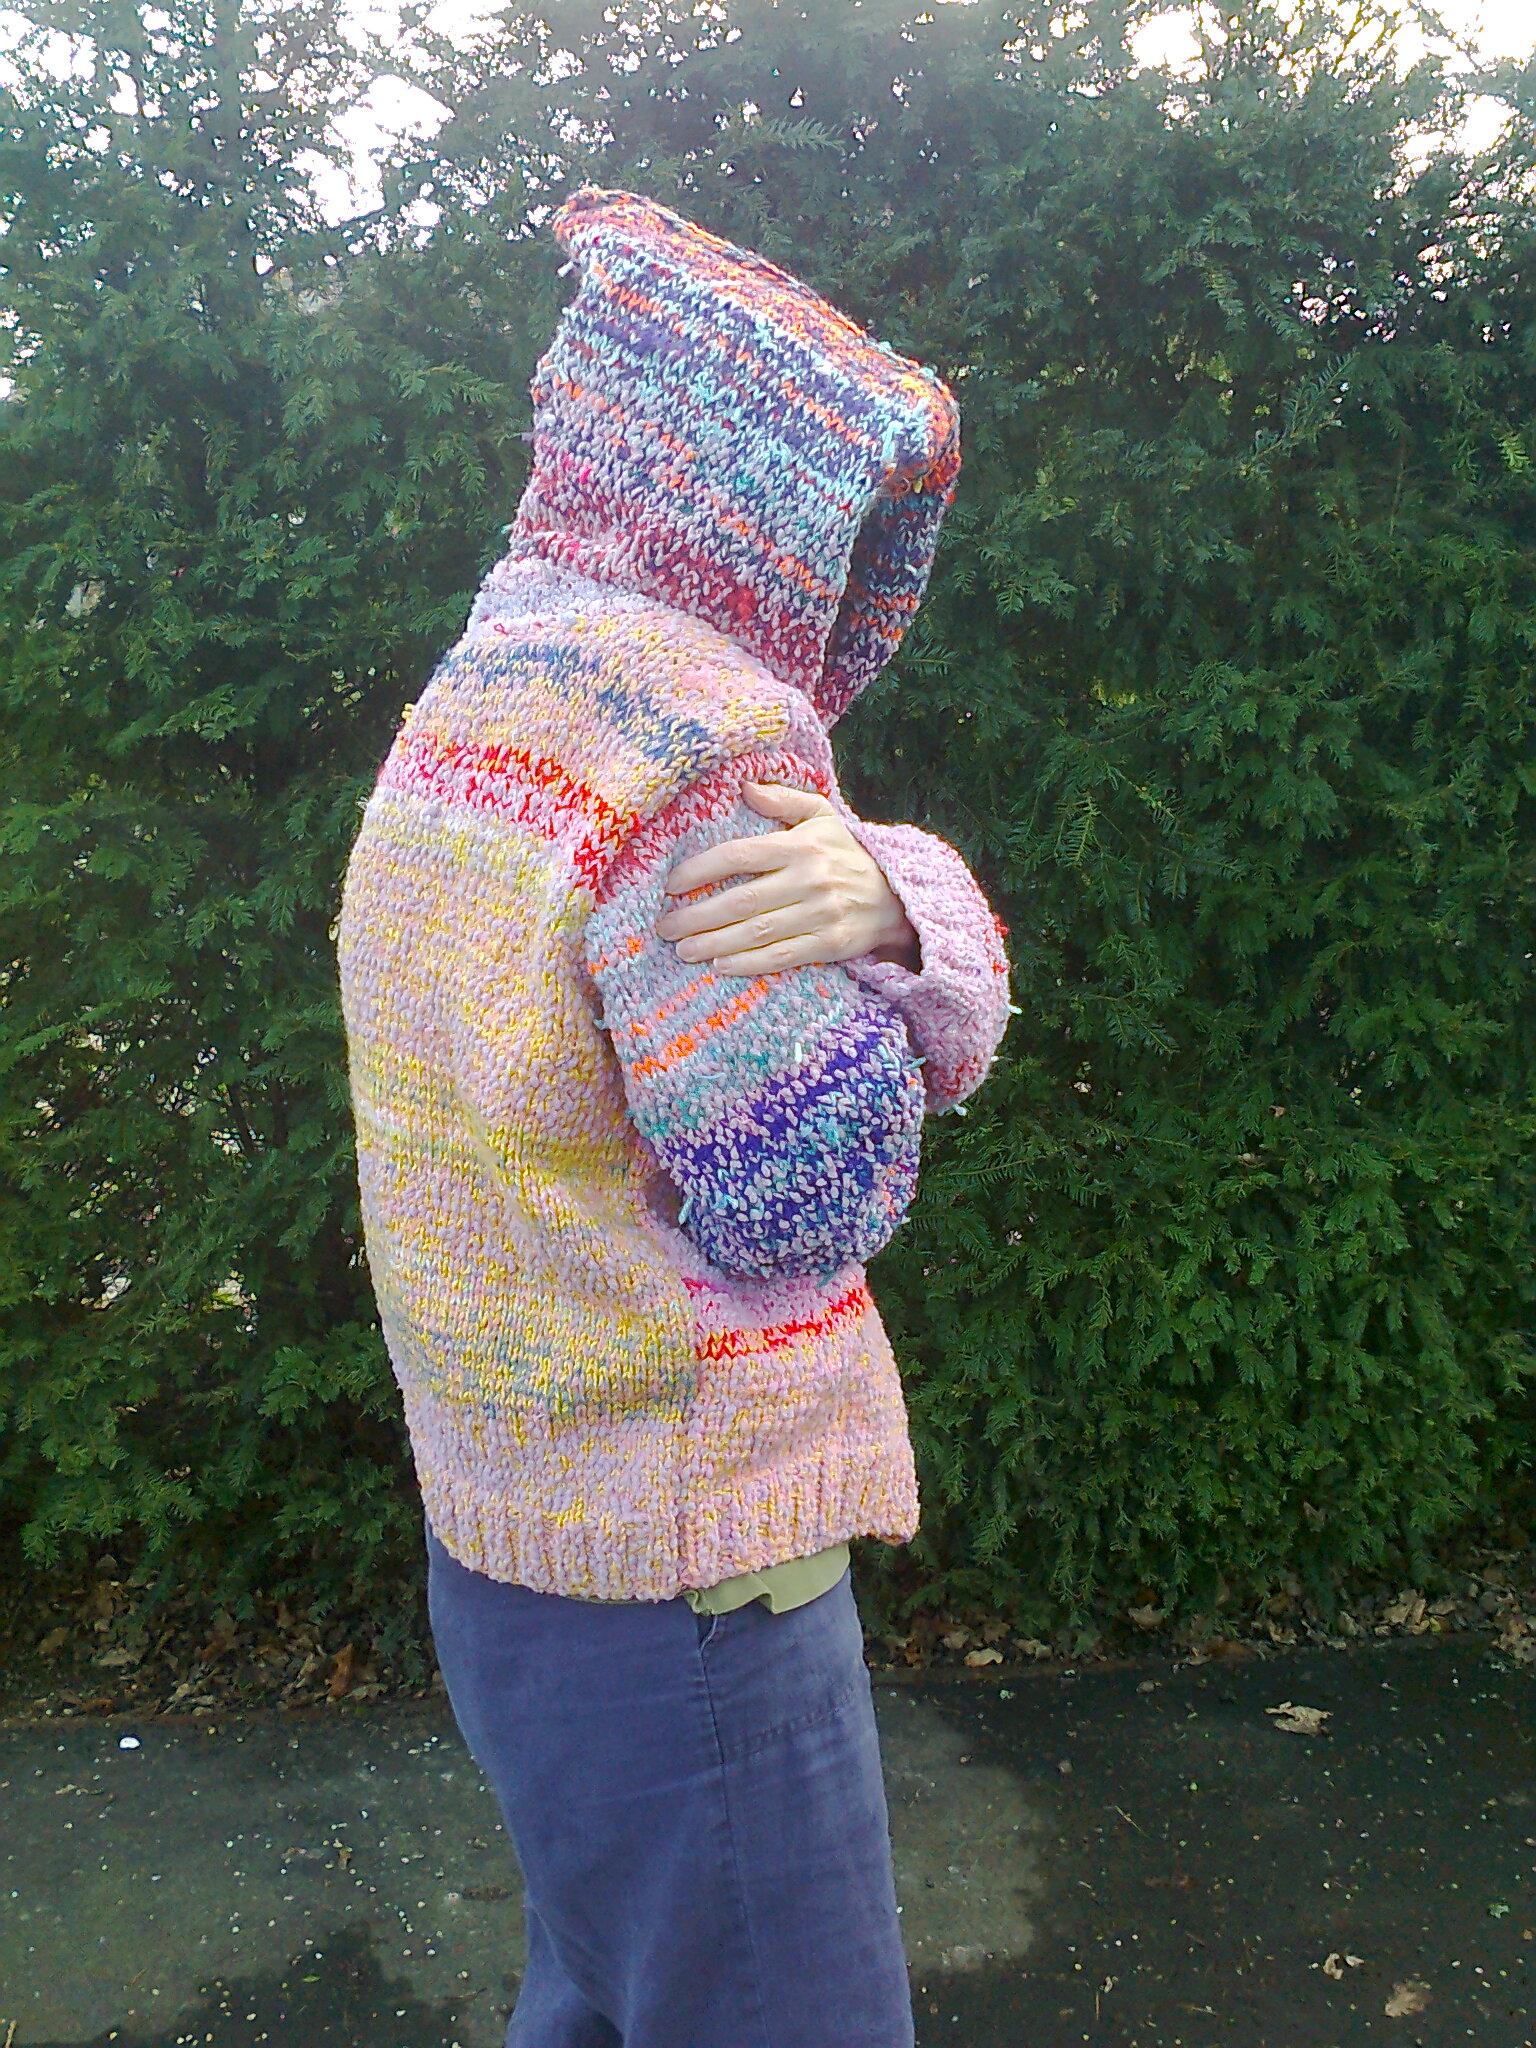 upcycled knitting yarns